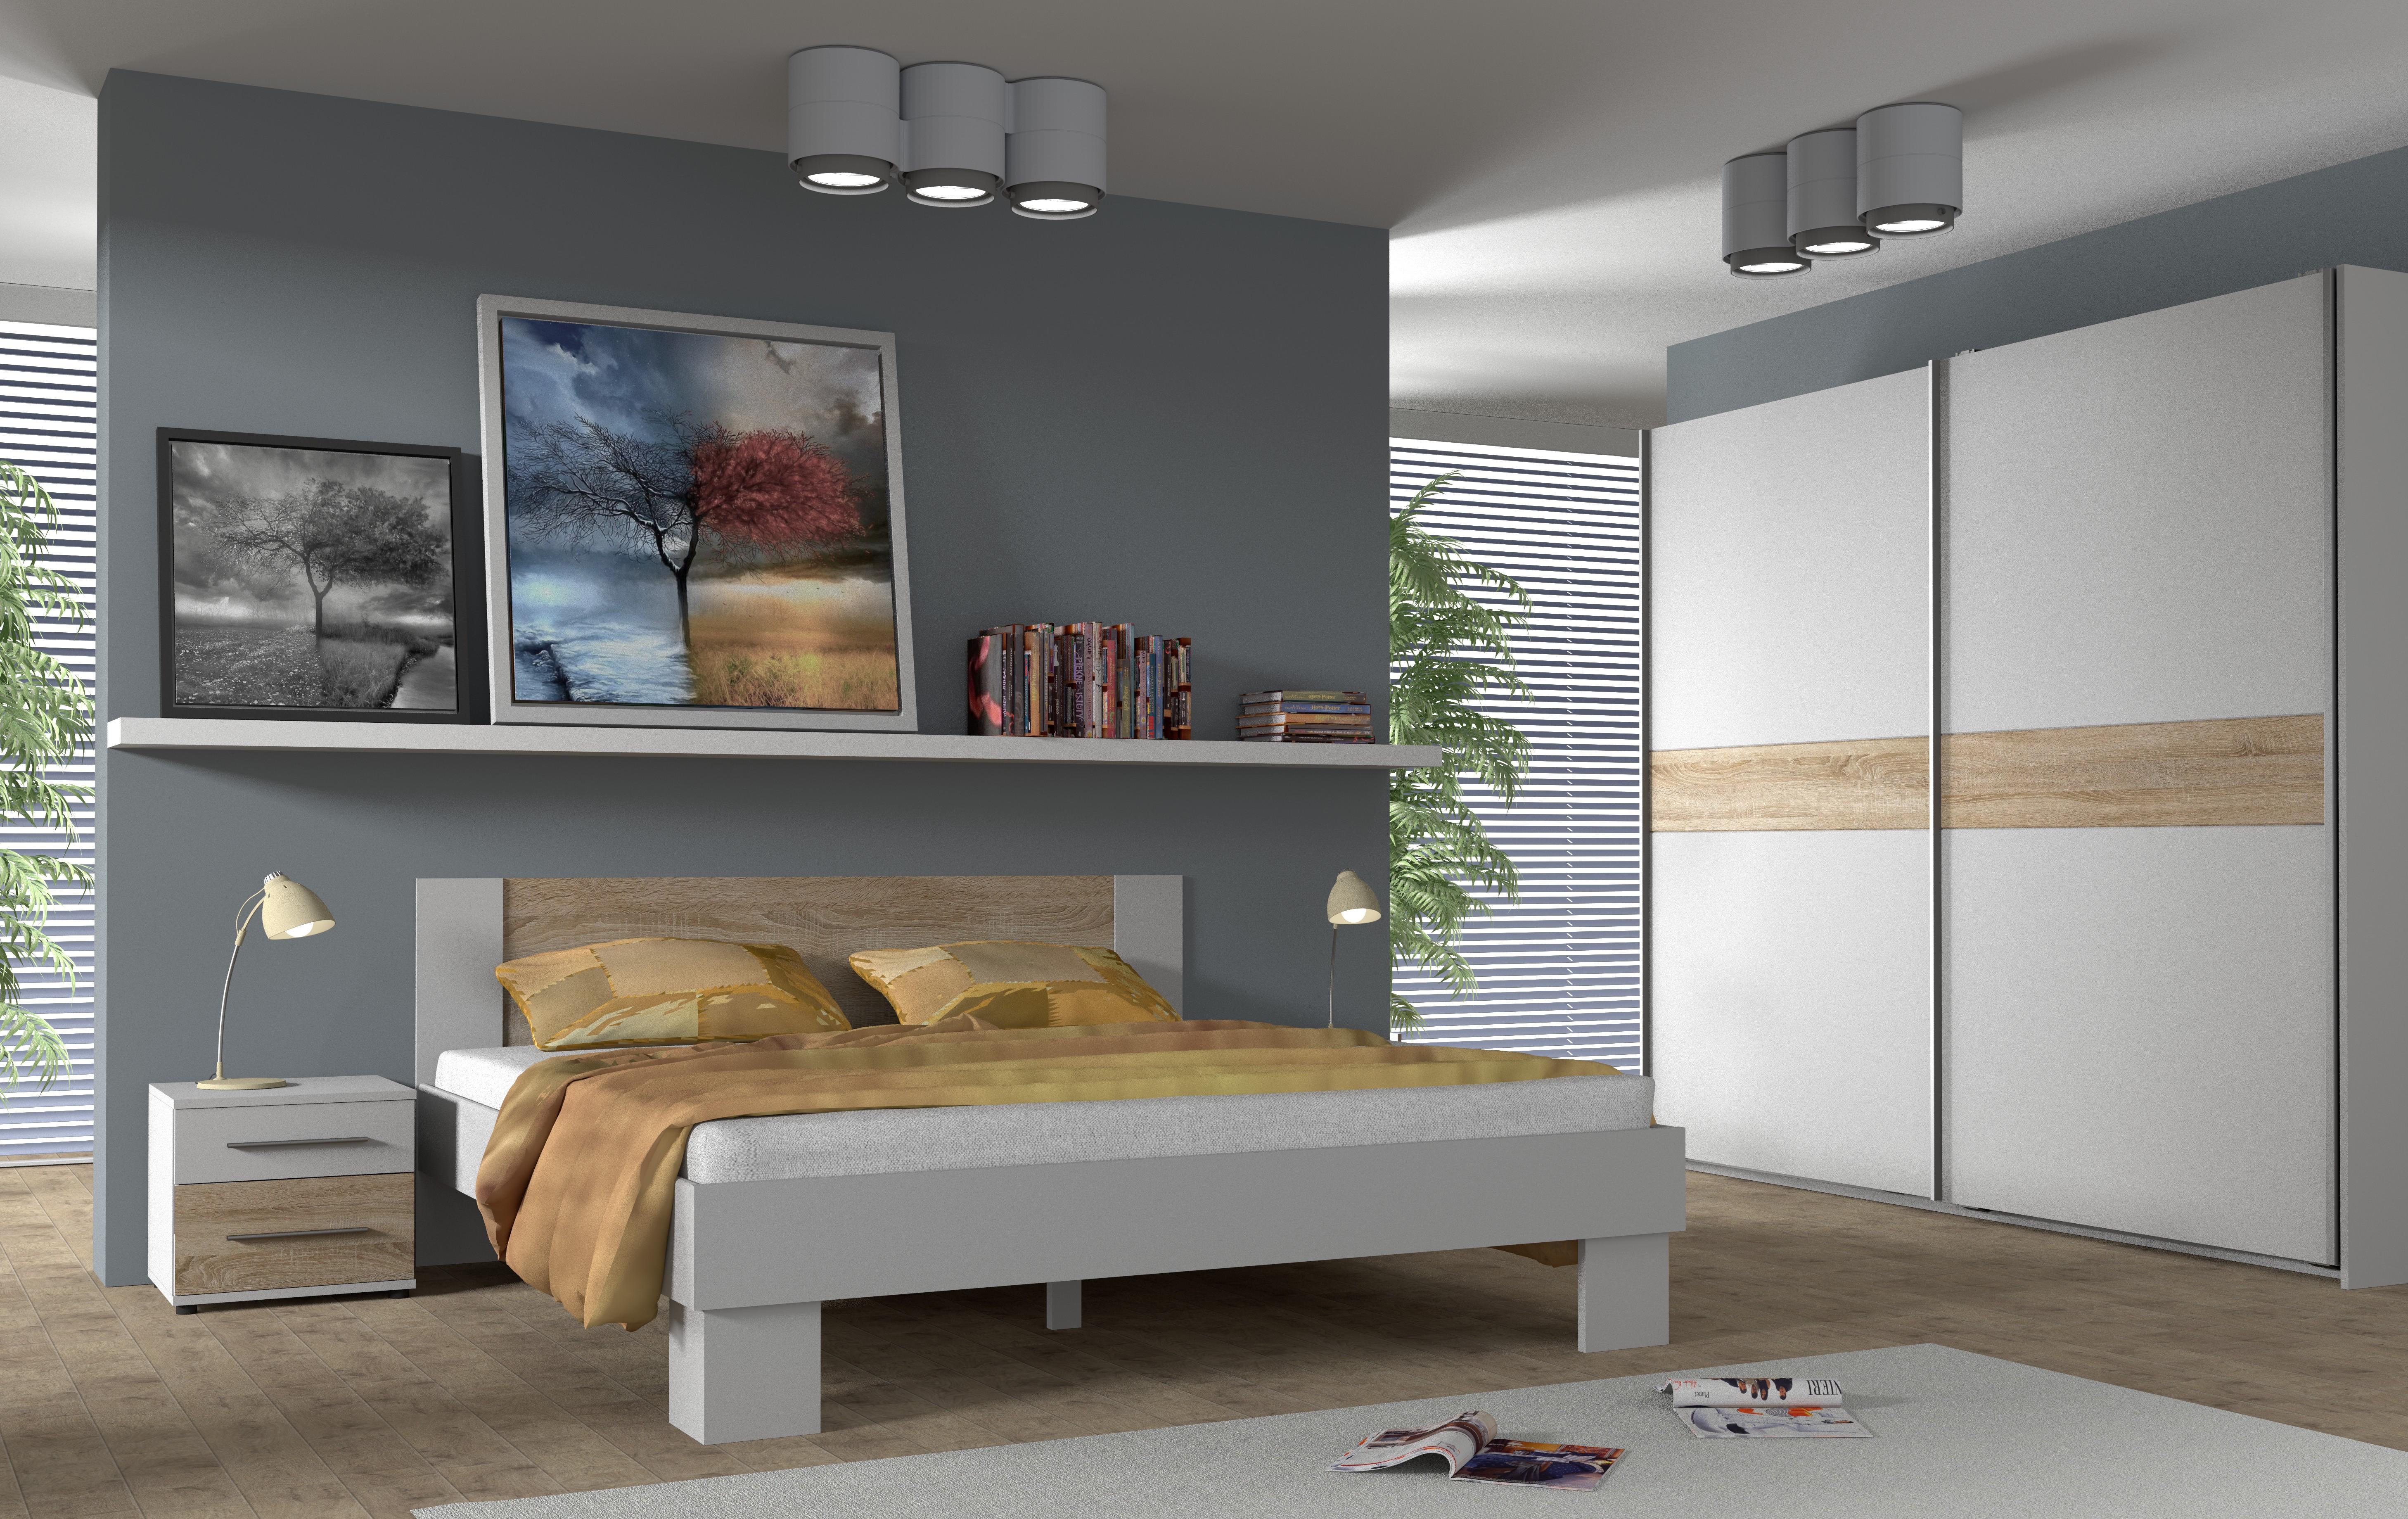 Ložnicová sestava COCOA, postel 180x200, Bílá/dub Sonoma